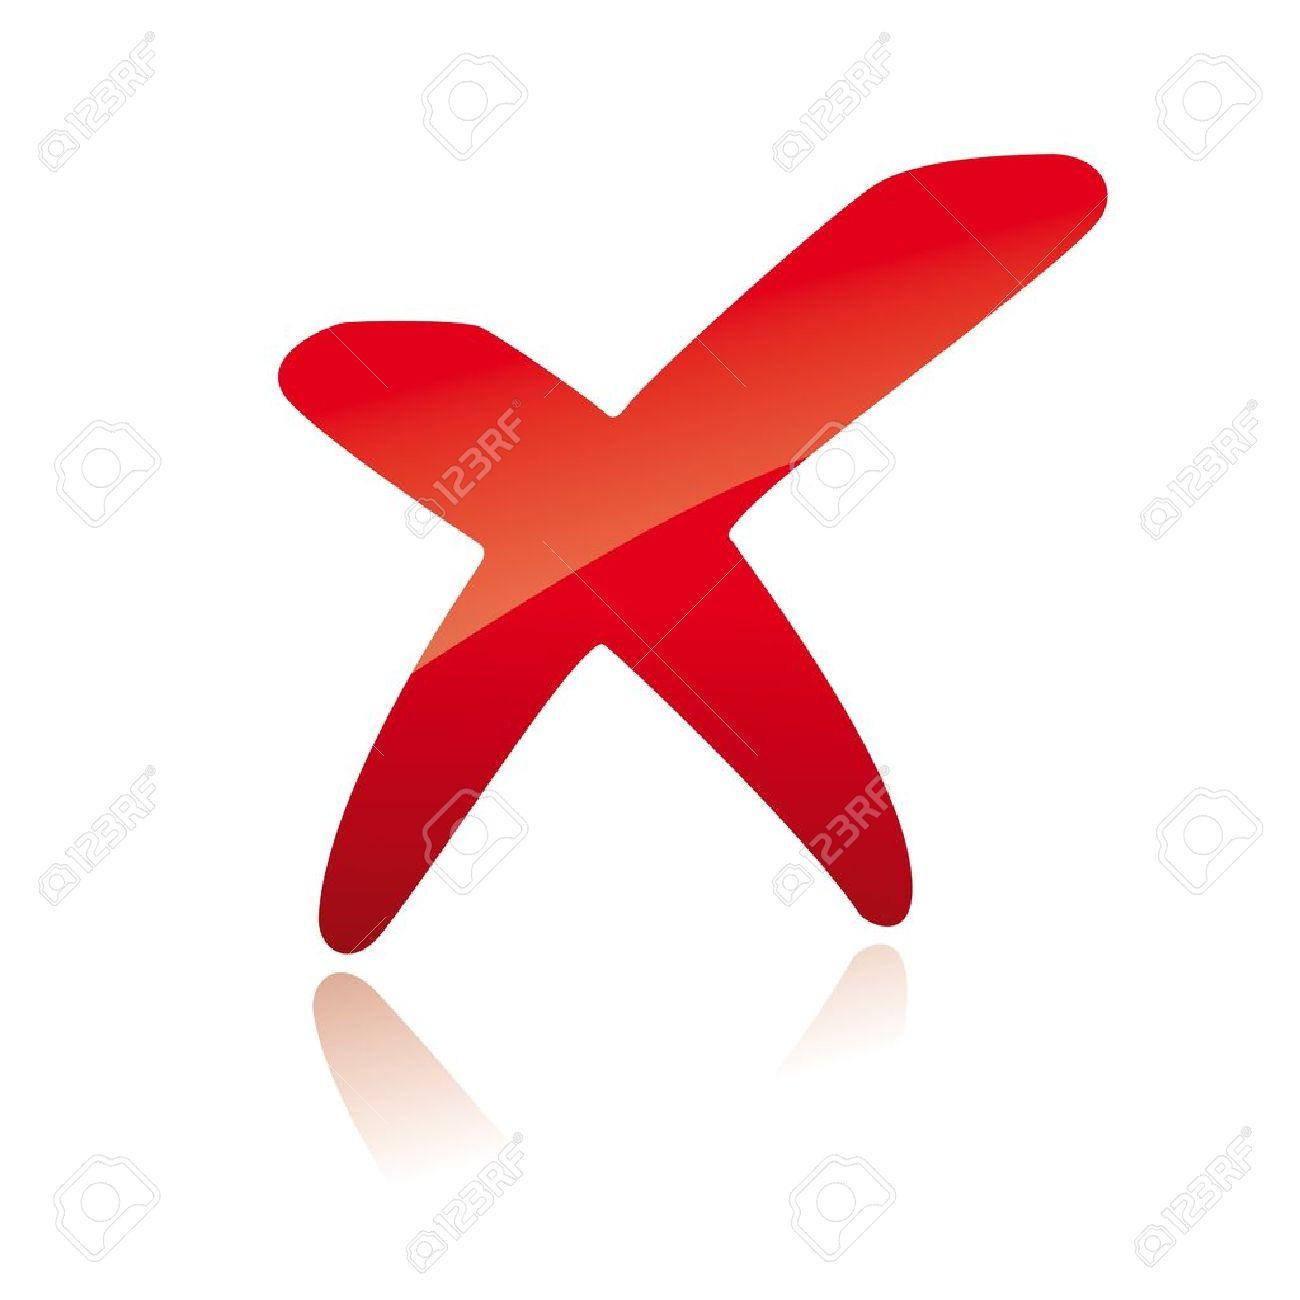 12409938-vecteur-x-rouge-signe-de-la-croix-icône.jpg